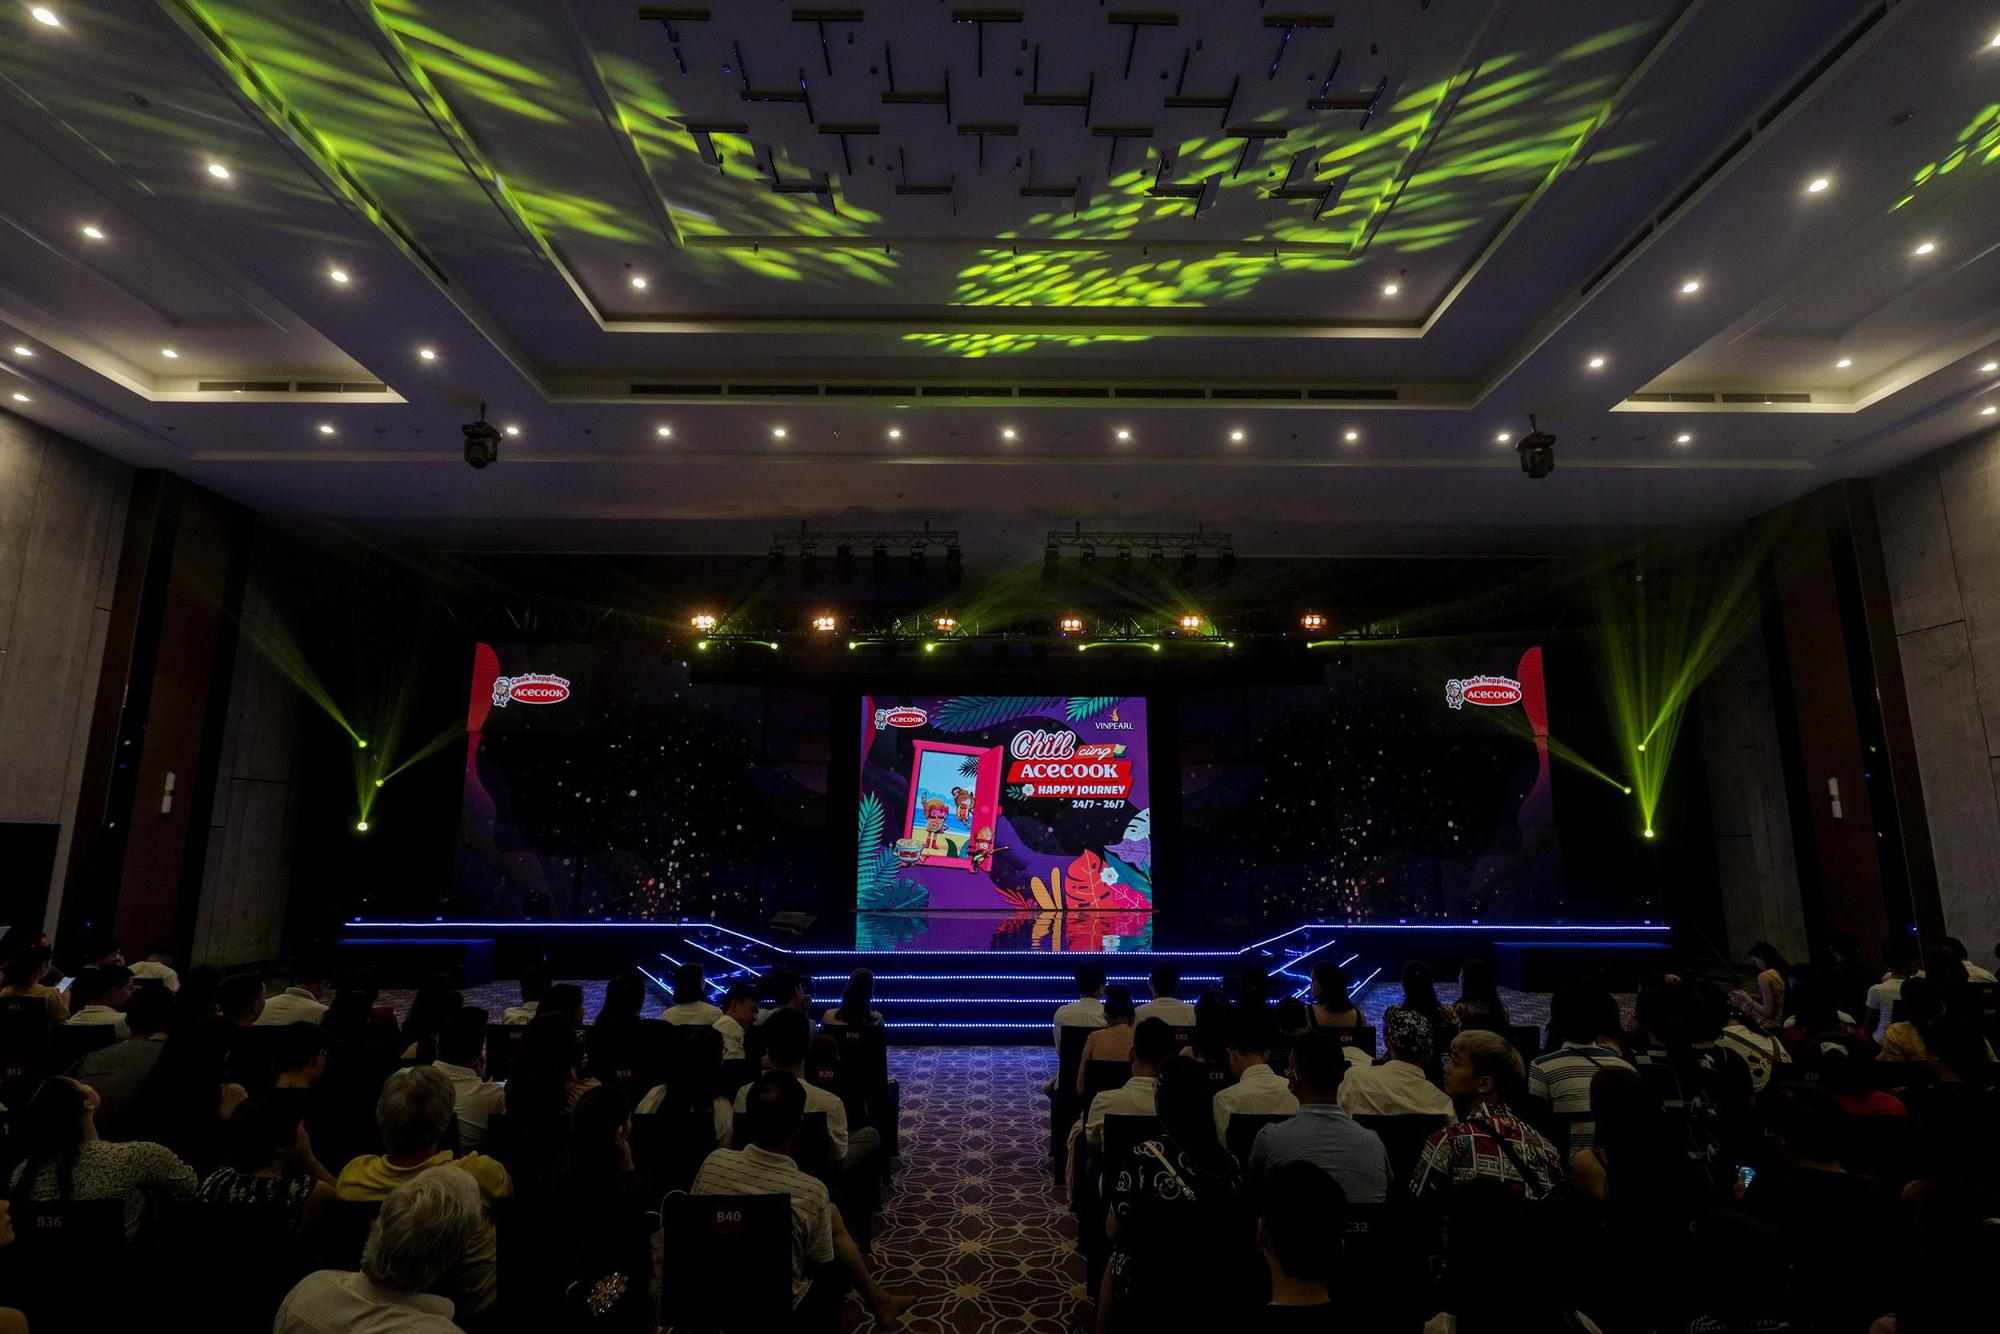 Loạt ảnh mới nhất xinh lung linh của Đông Nhi, Noo Phước Thịnh khiến khán giả trầm trồ trong đêm Gala Secret Concert – Chill Cùng Acecook - Ảnh 1.